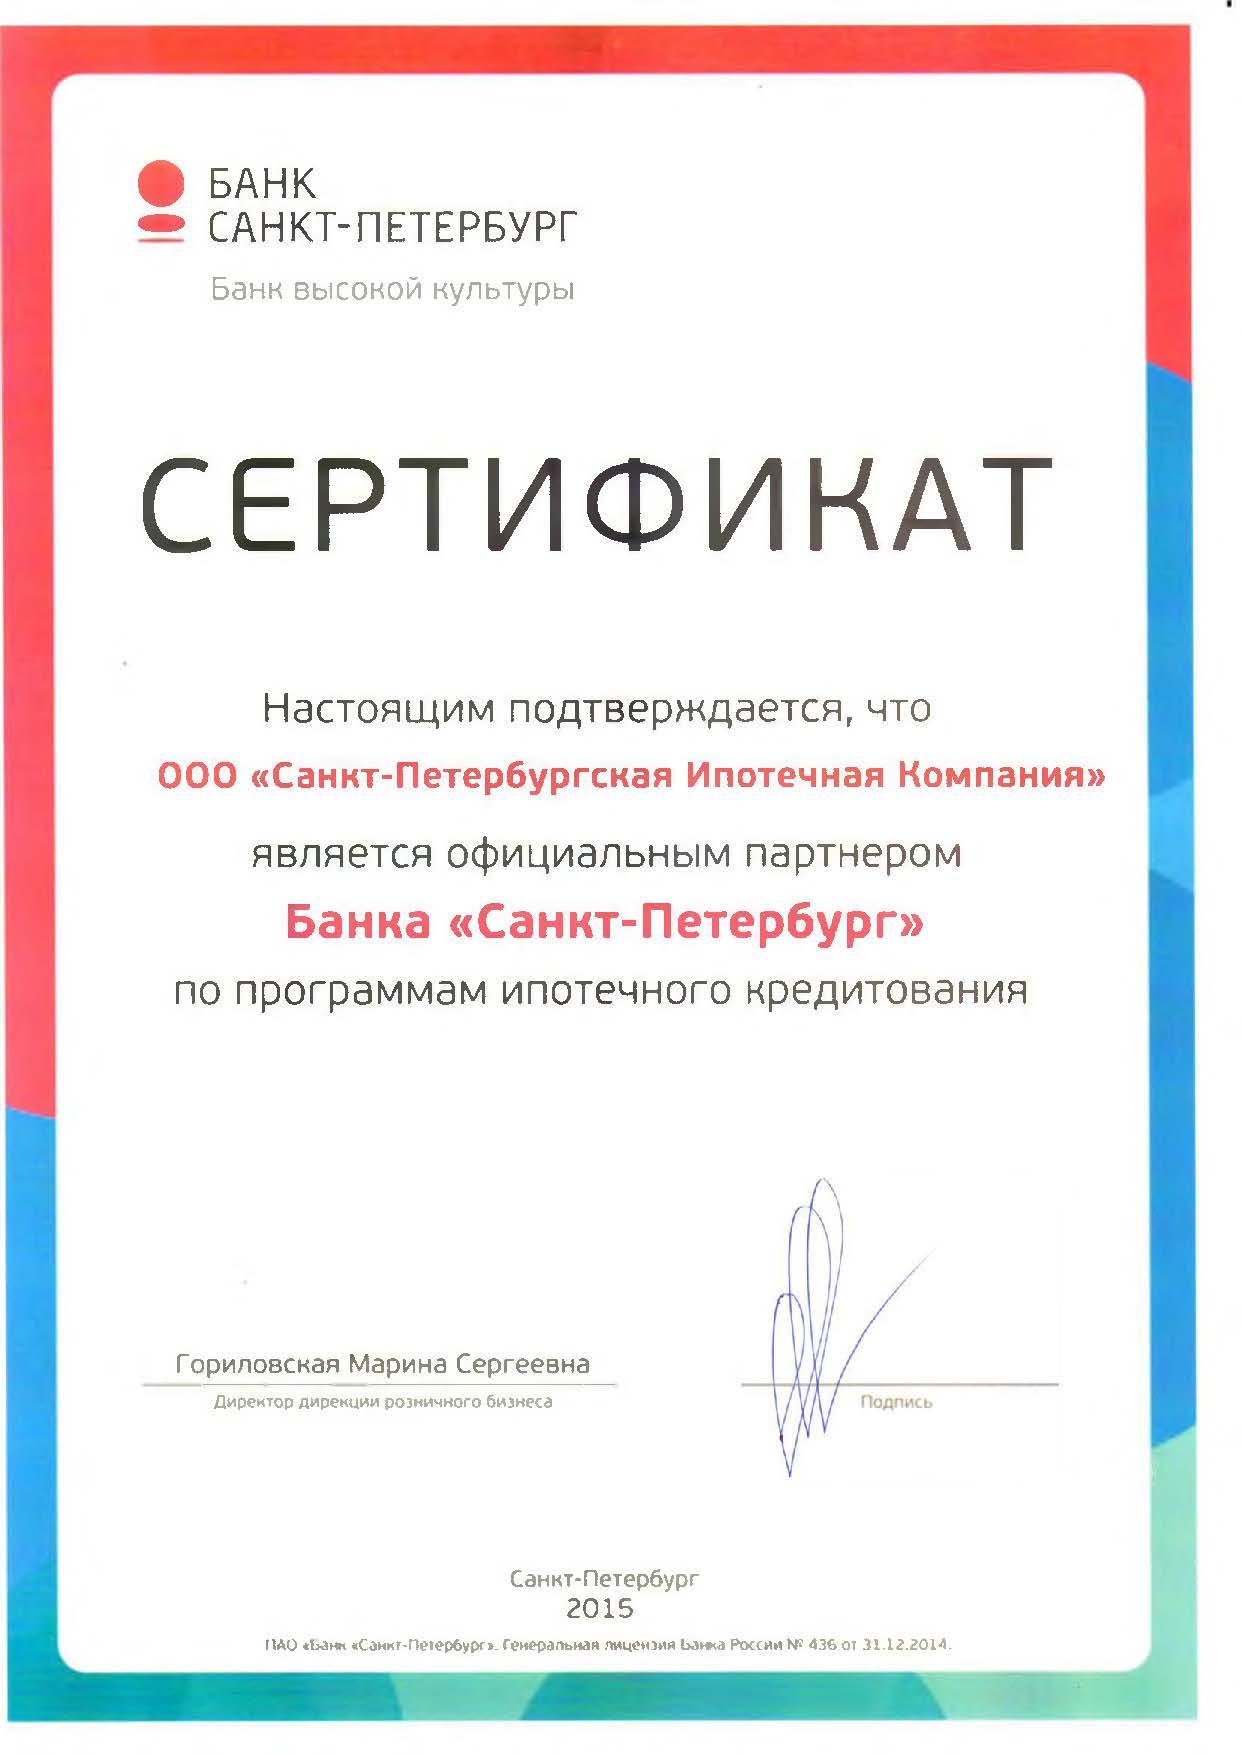 СПИК партнер банка Санкт-Петербург